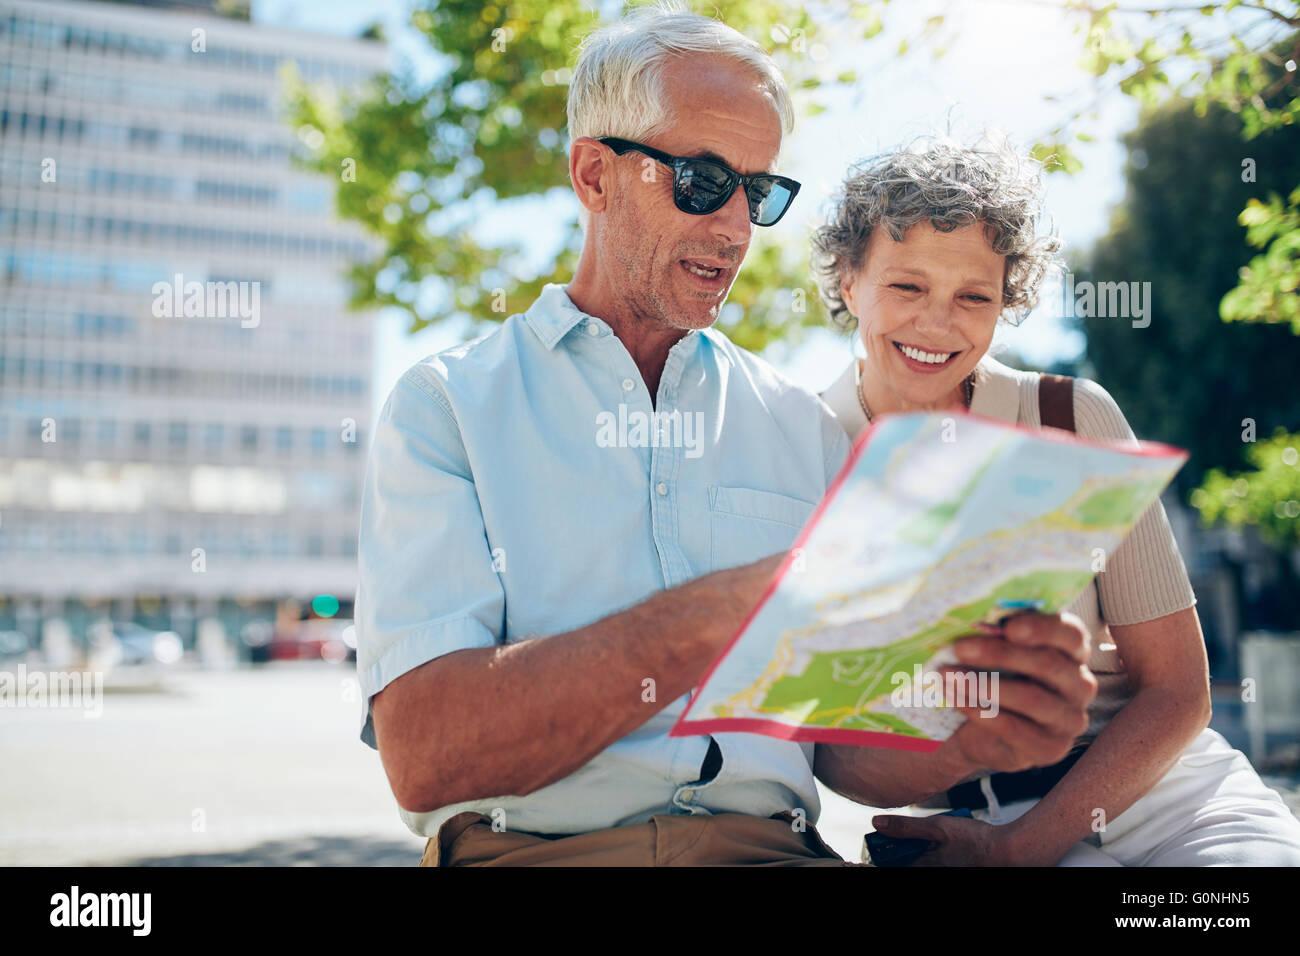 A Senior couple plan de la ville. Homme mature et femme assise à l'extérieur de la ville dans la lecture Photo Stock